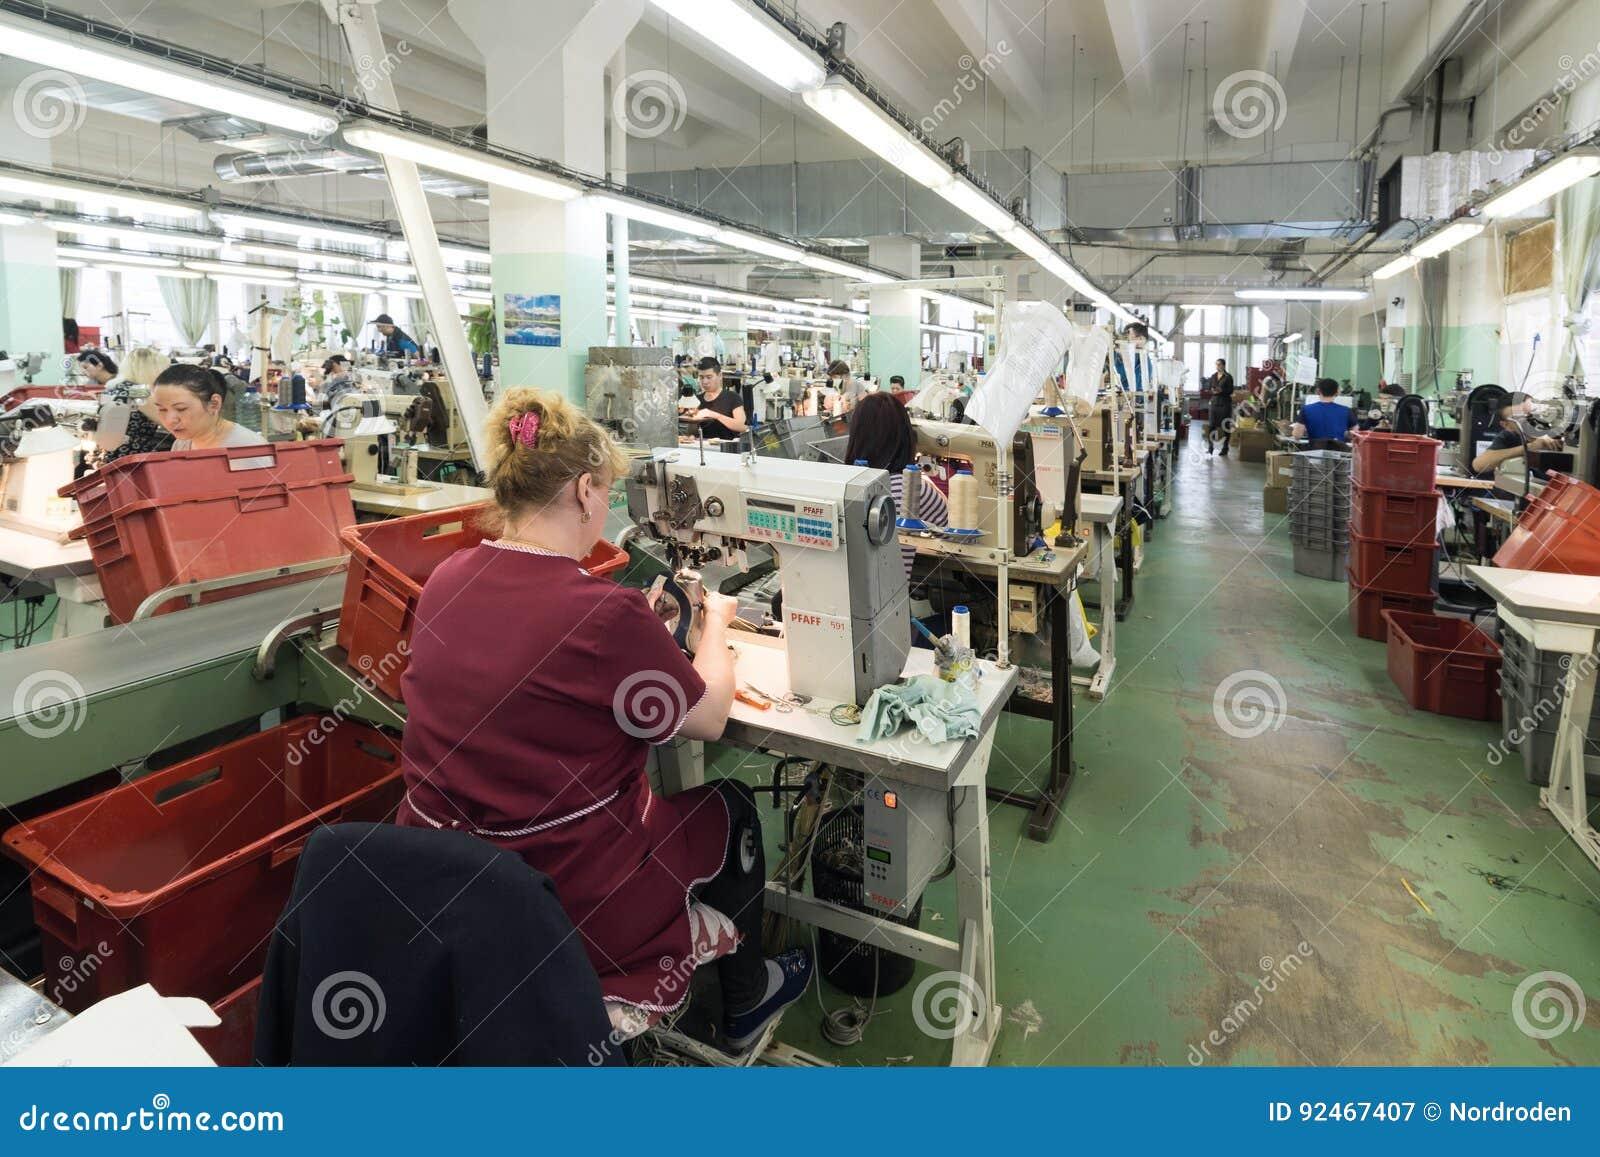 9f1c74788 МОСКВА, РОССИЯ - 21-ОЕ ФЕВРАЛЯ 2017: ЗВОНАРЬ обувной фабрики JSC RALF Москвы  Женские и мужские работники на швейной машине